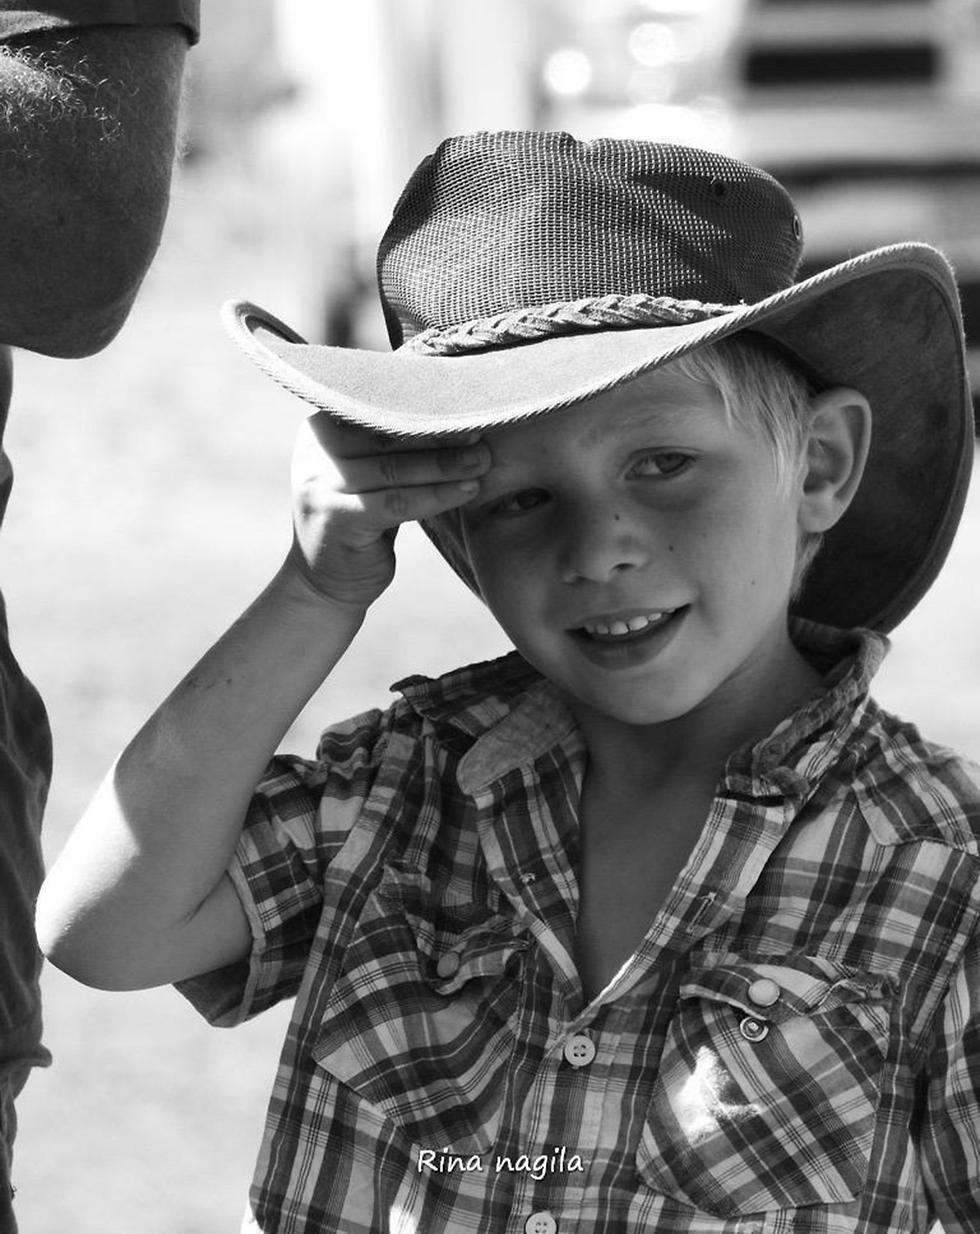 ירדן פרידמן בן ה-5 שנהרג היום בעת רכיבה על סוס  ()